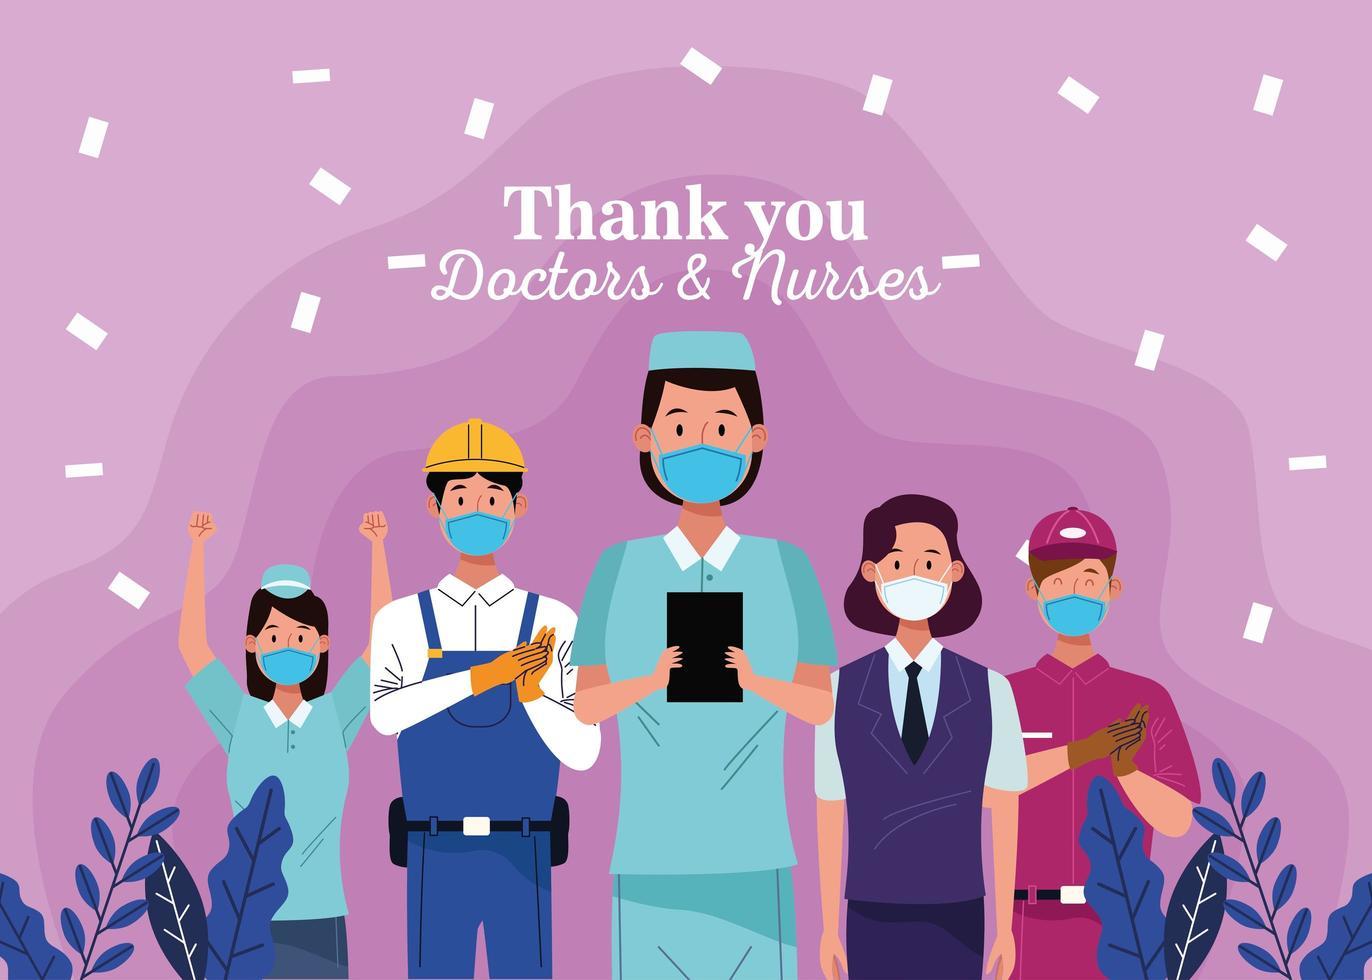 grupp arbetare som bär masker med tack till läkare och sjuksköterskor meddelandet vektor